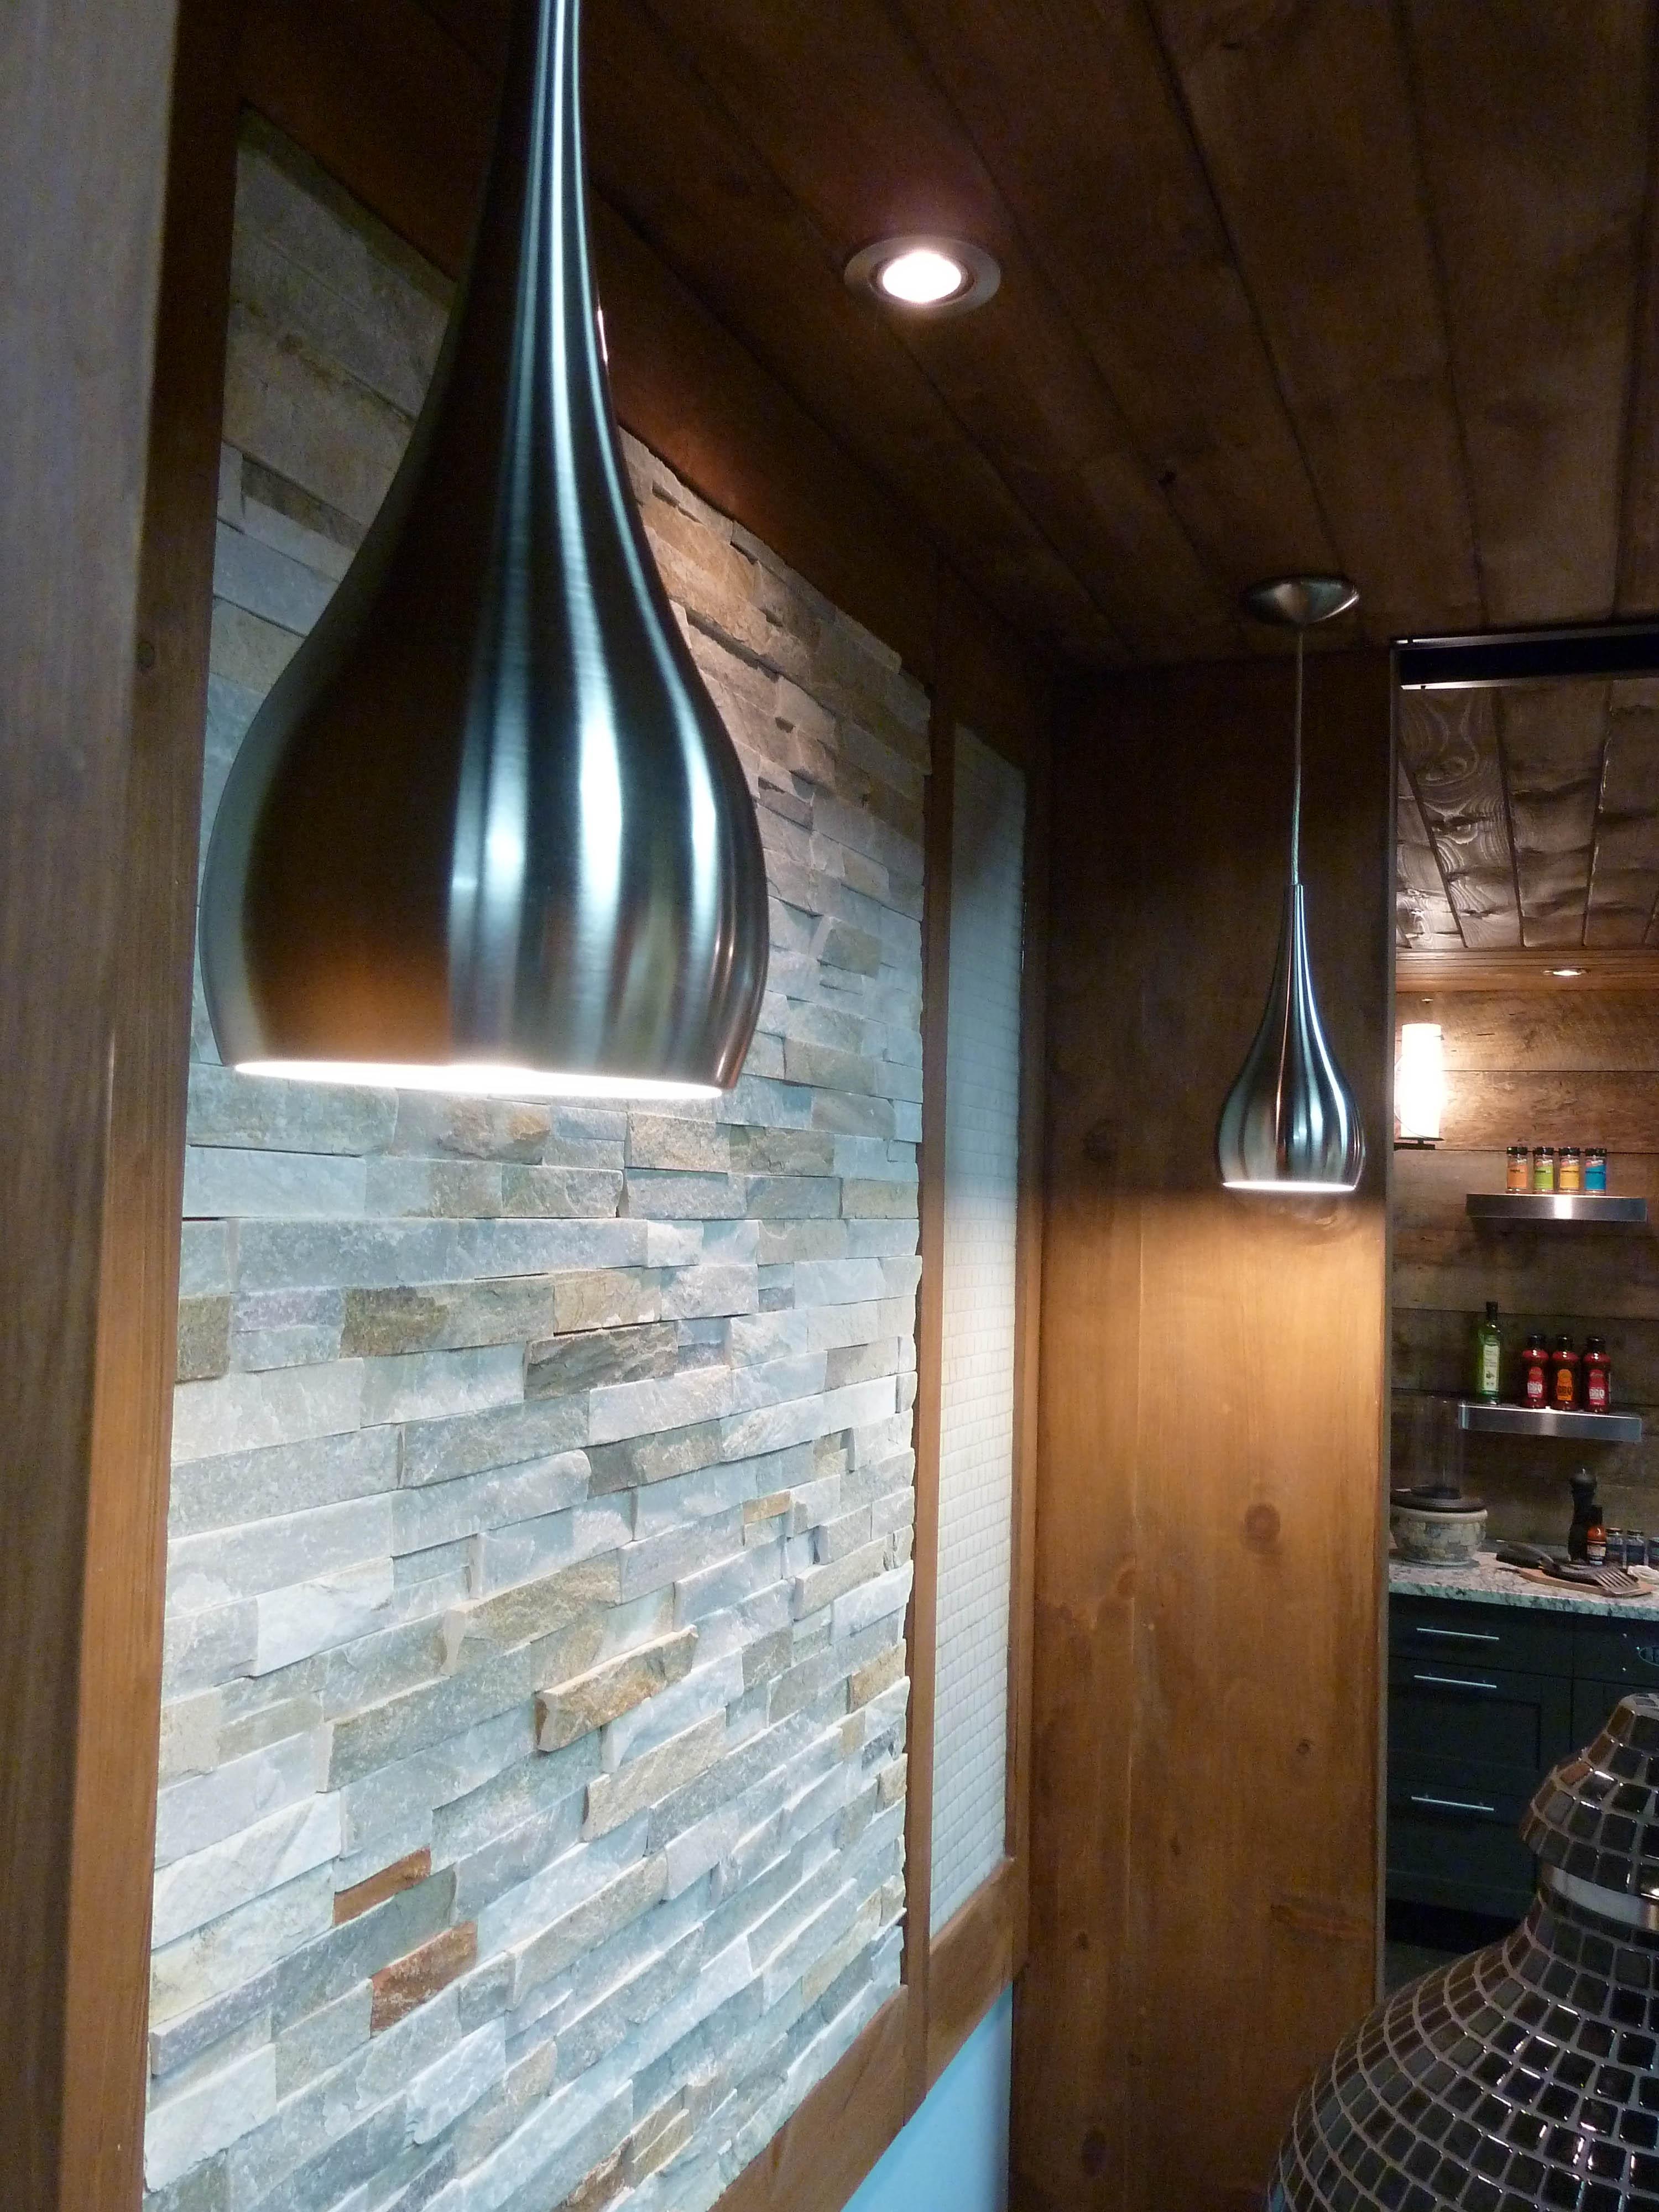 Lighting & Tile